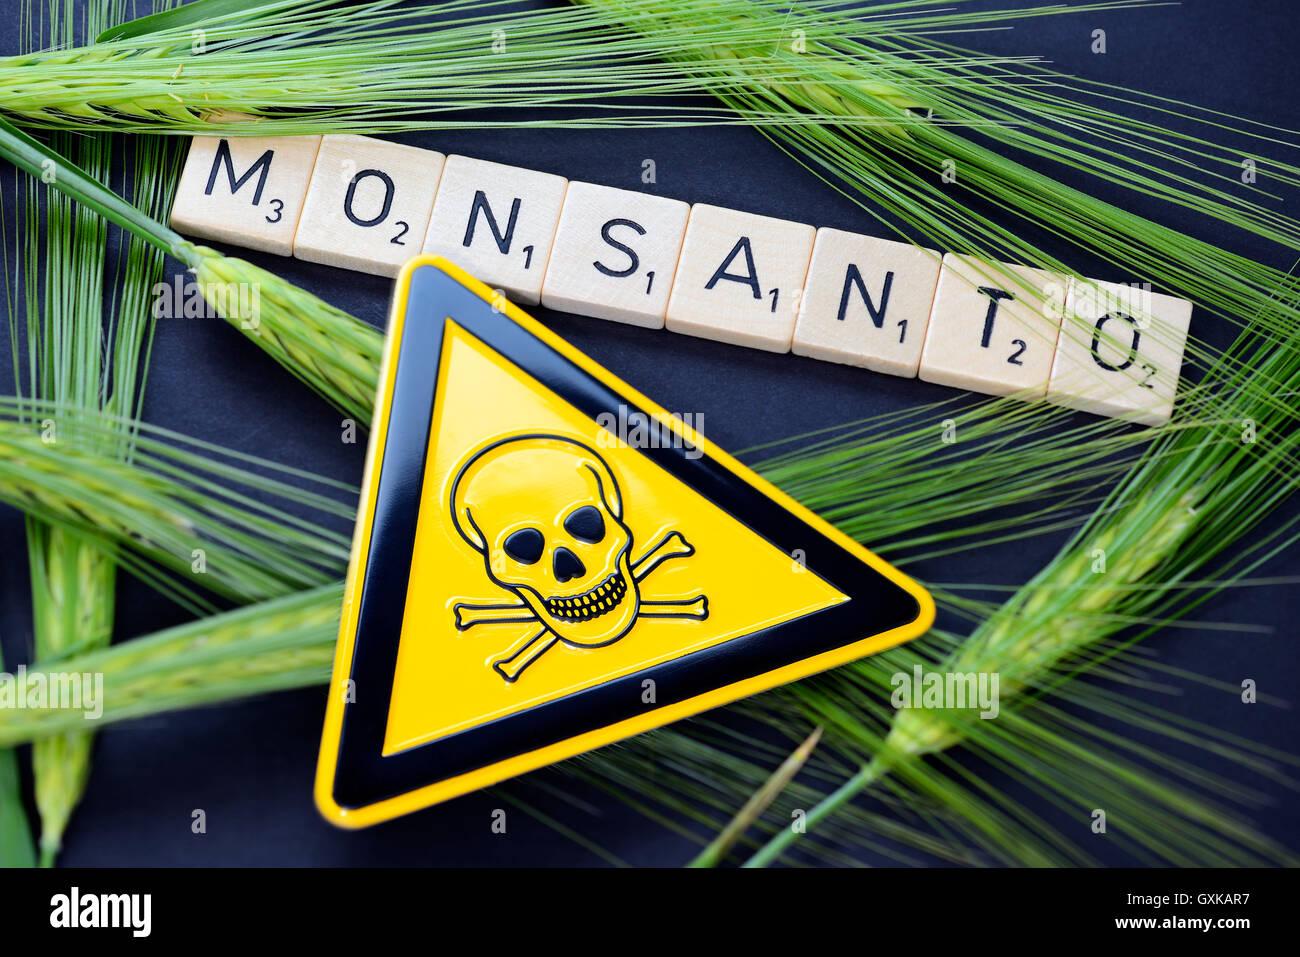 Monsanto-Schriftzug, Getreideähren und Gefährdungszeichen - Stock Image